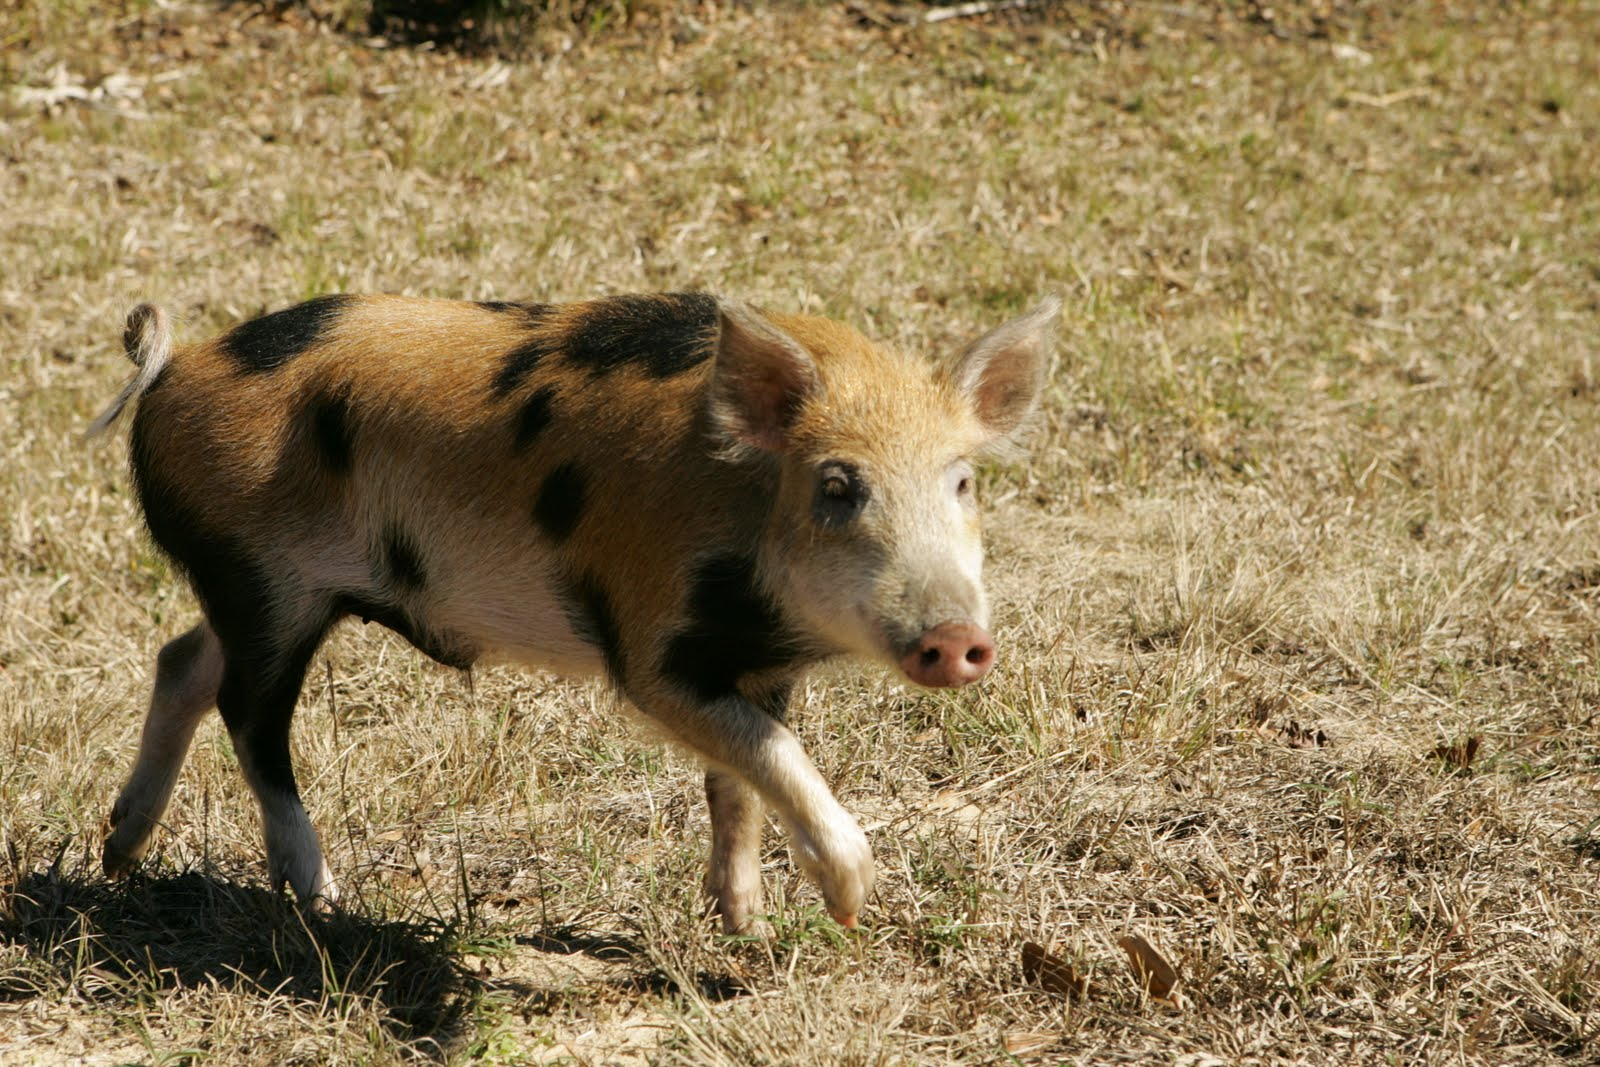 feral swine piglet